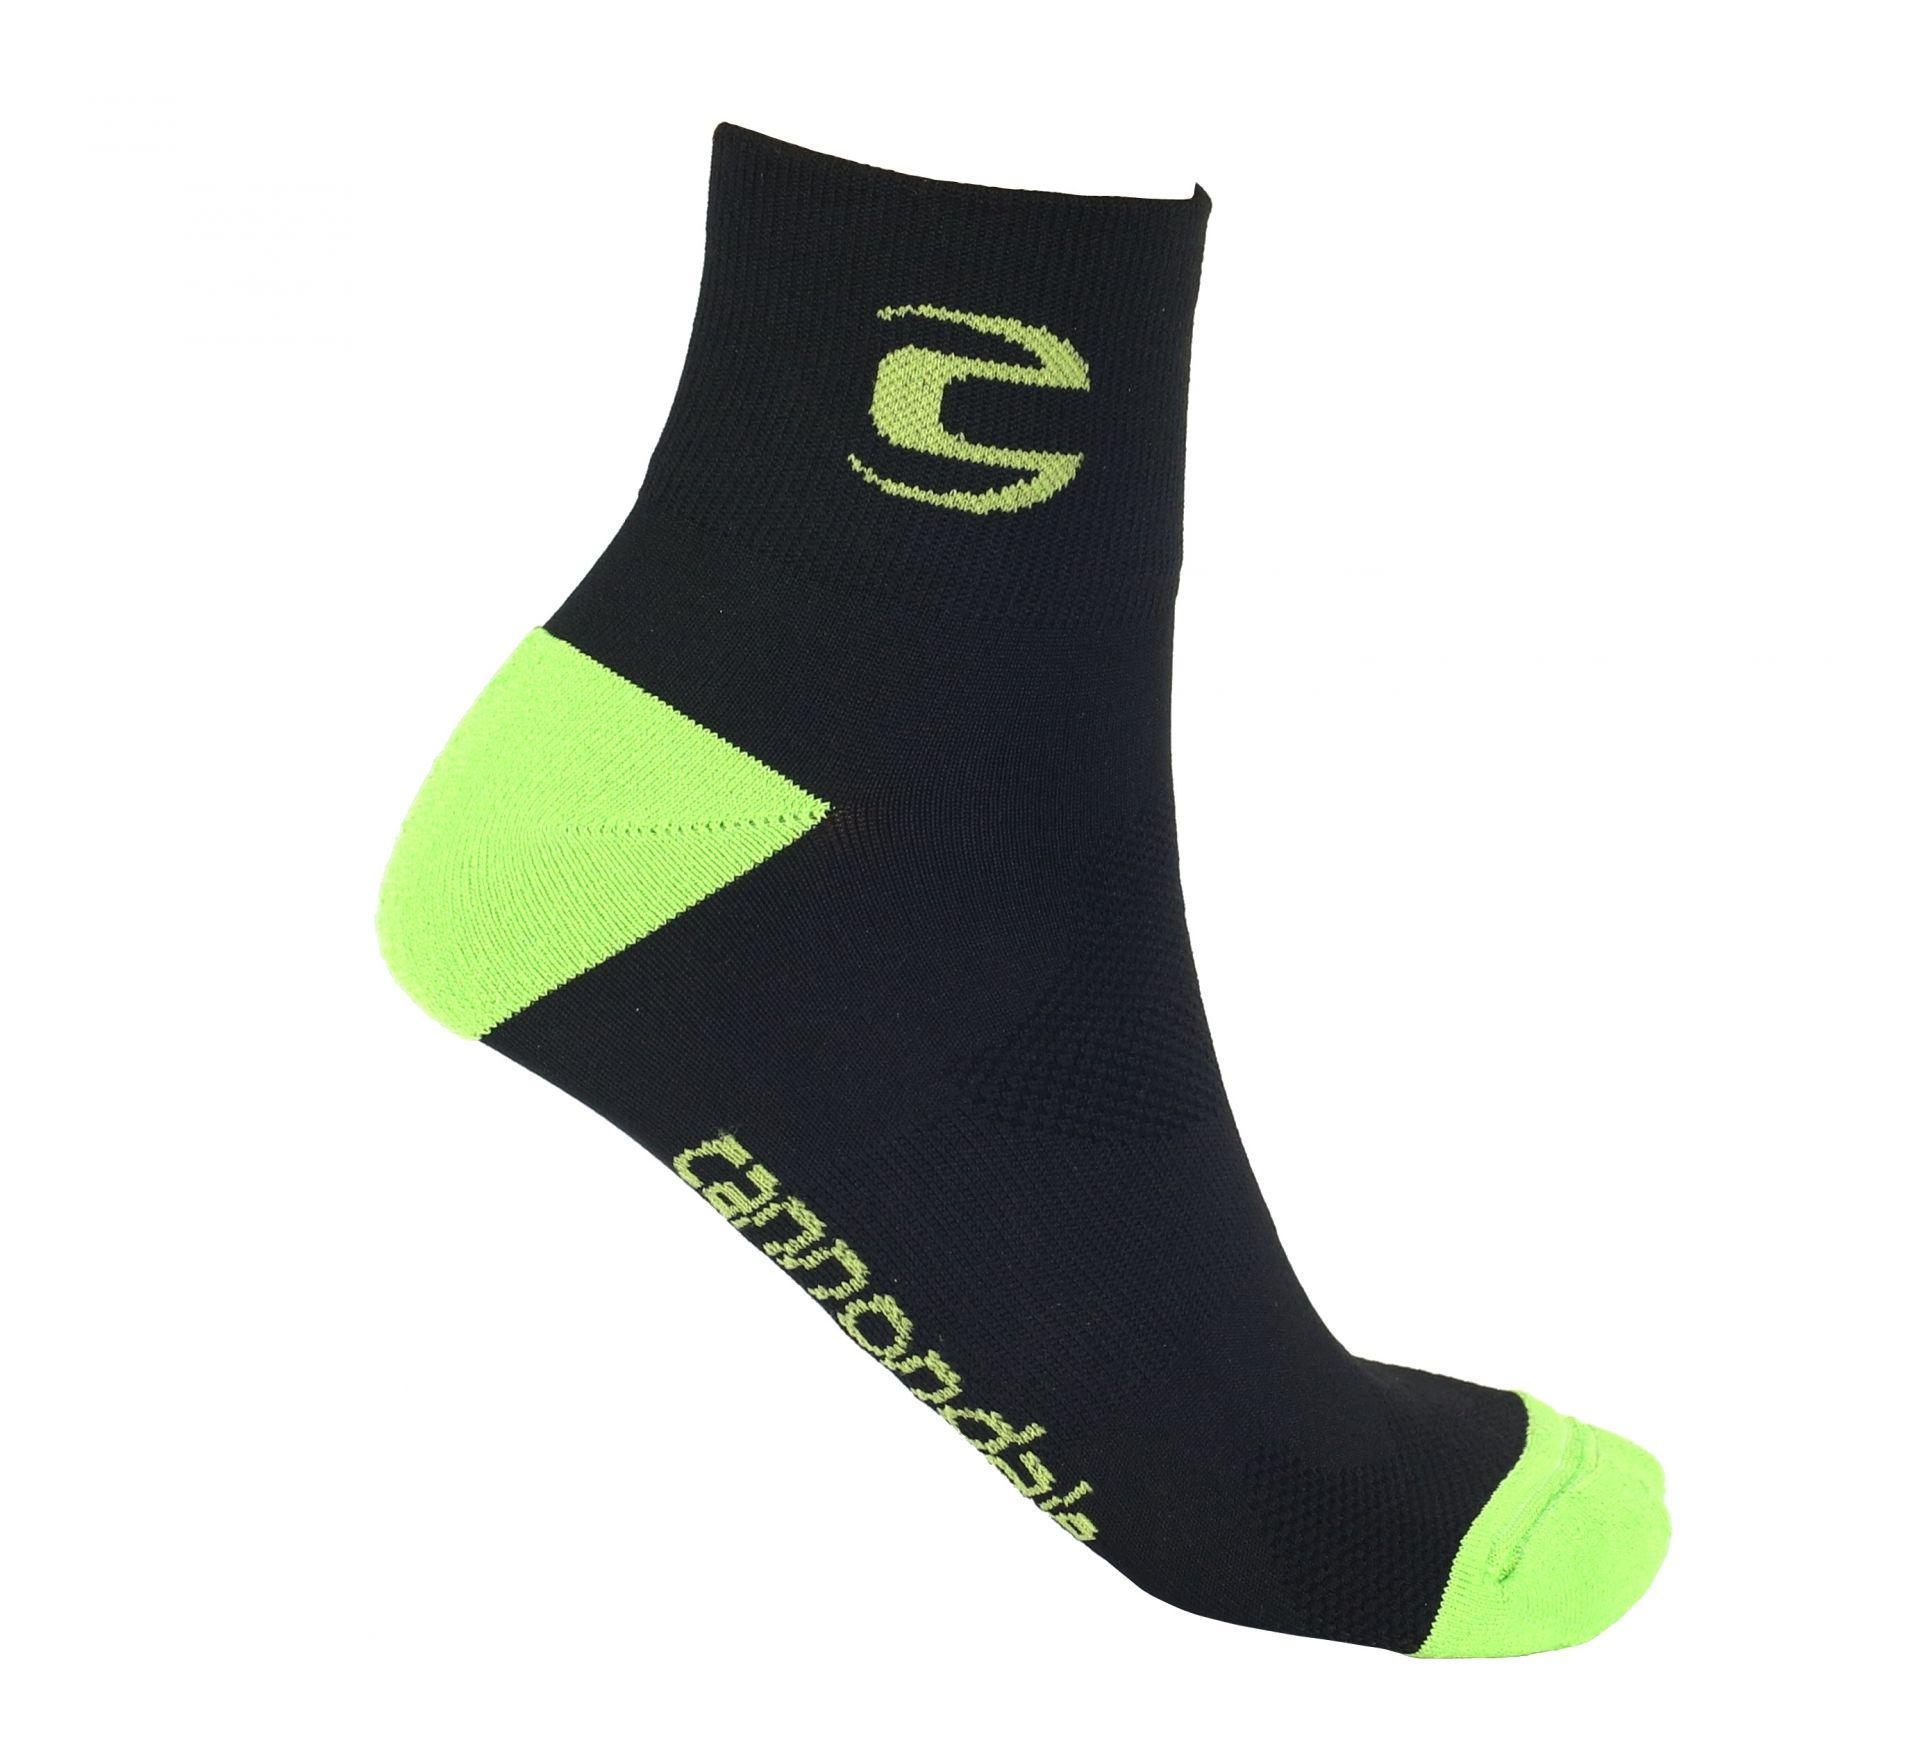 Chaussettes Cannondale Mid Socks Noir - S / 35-37